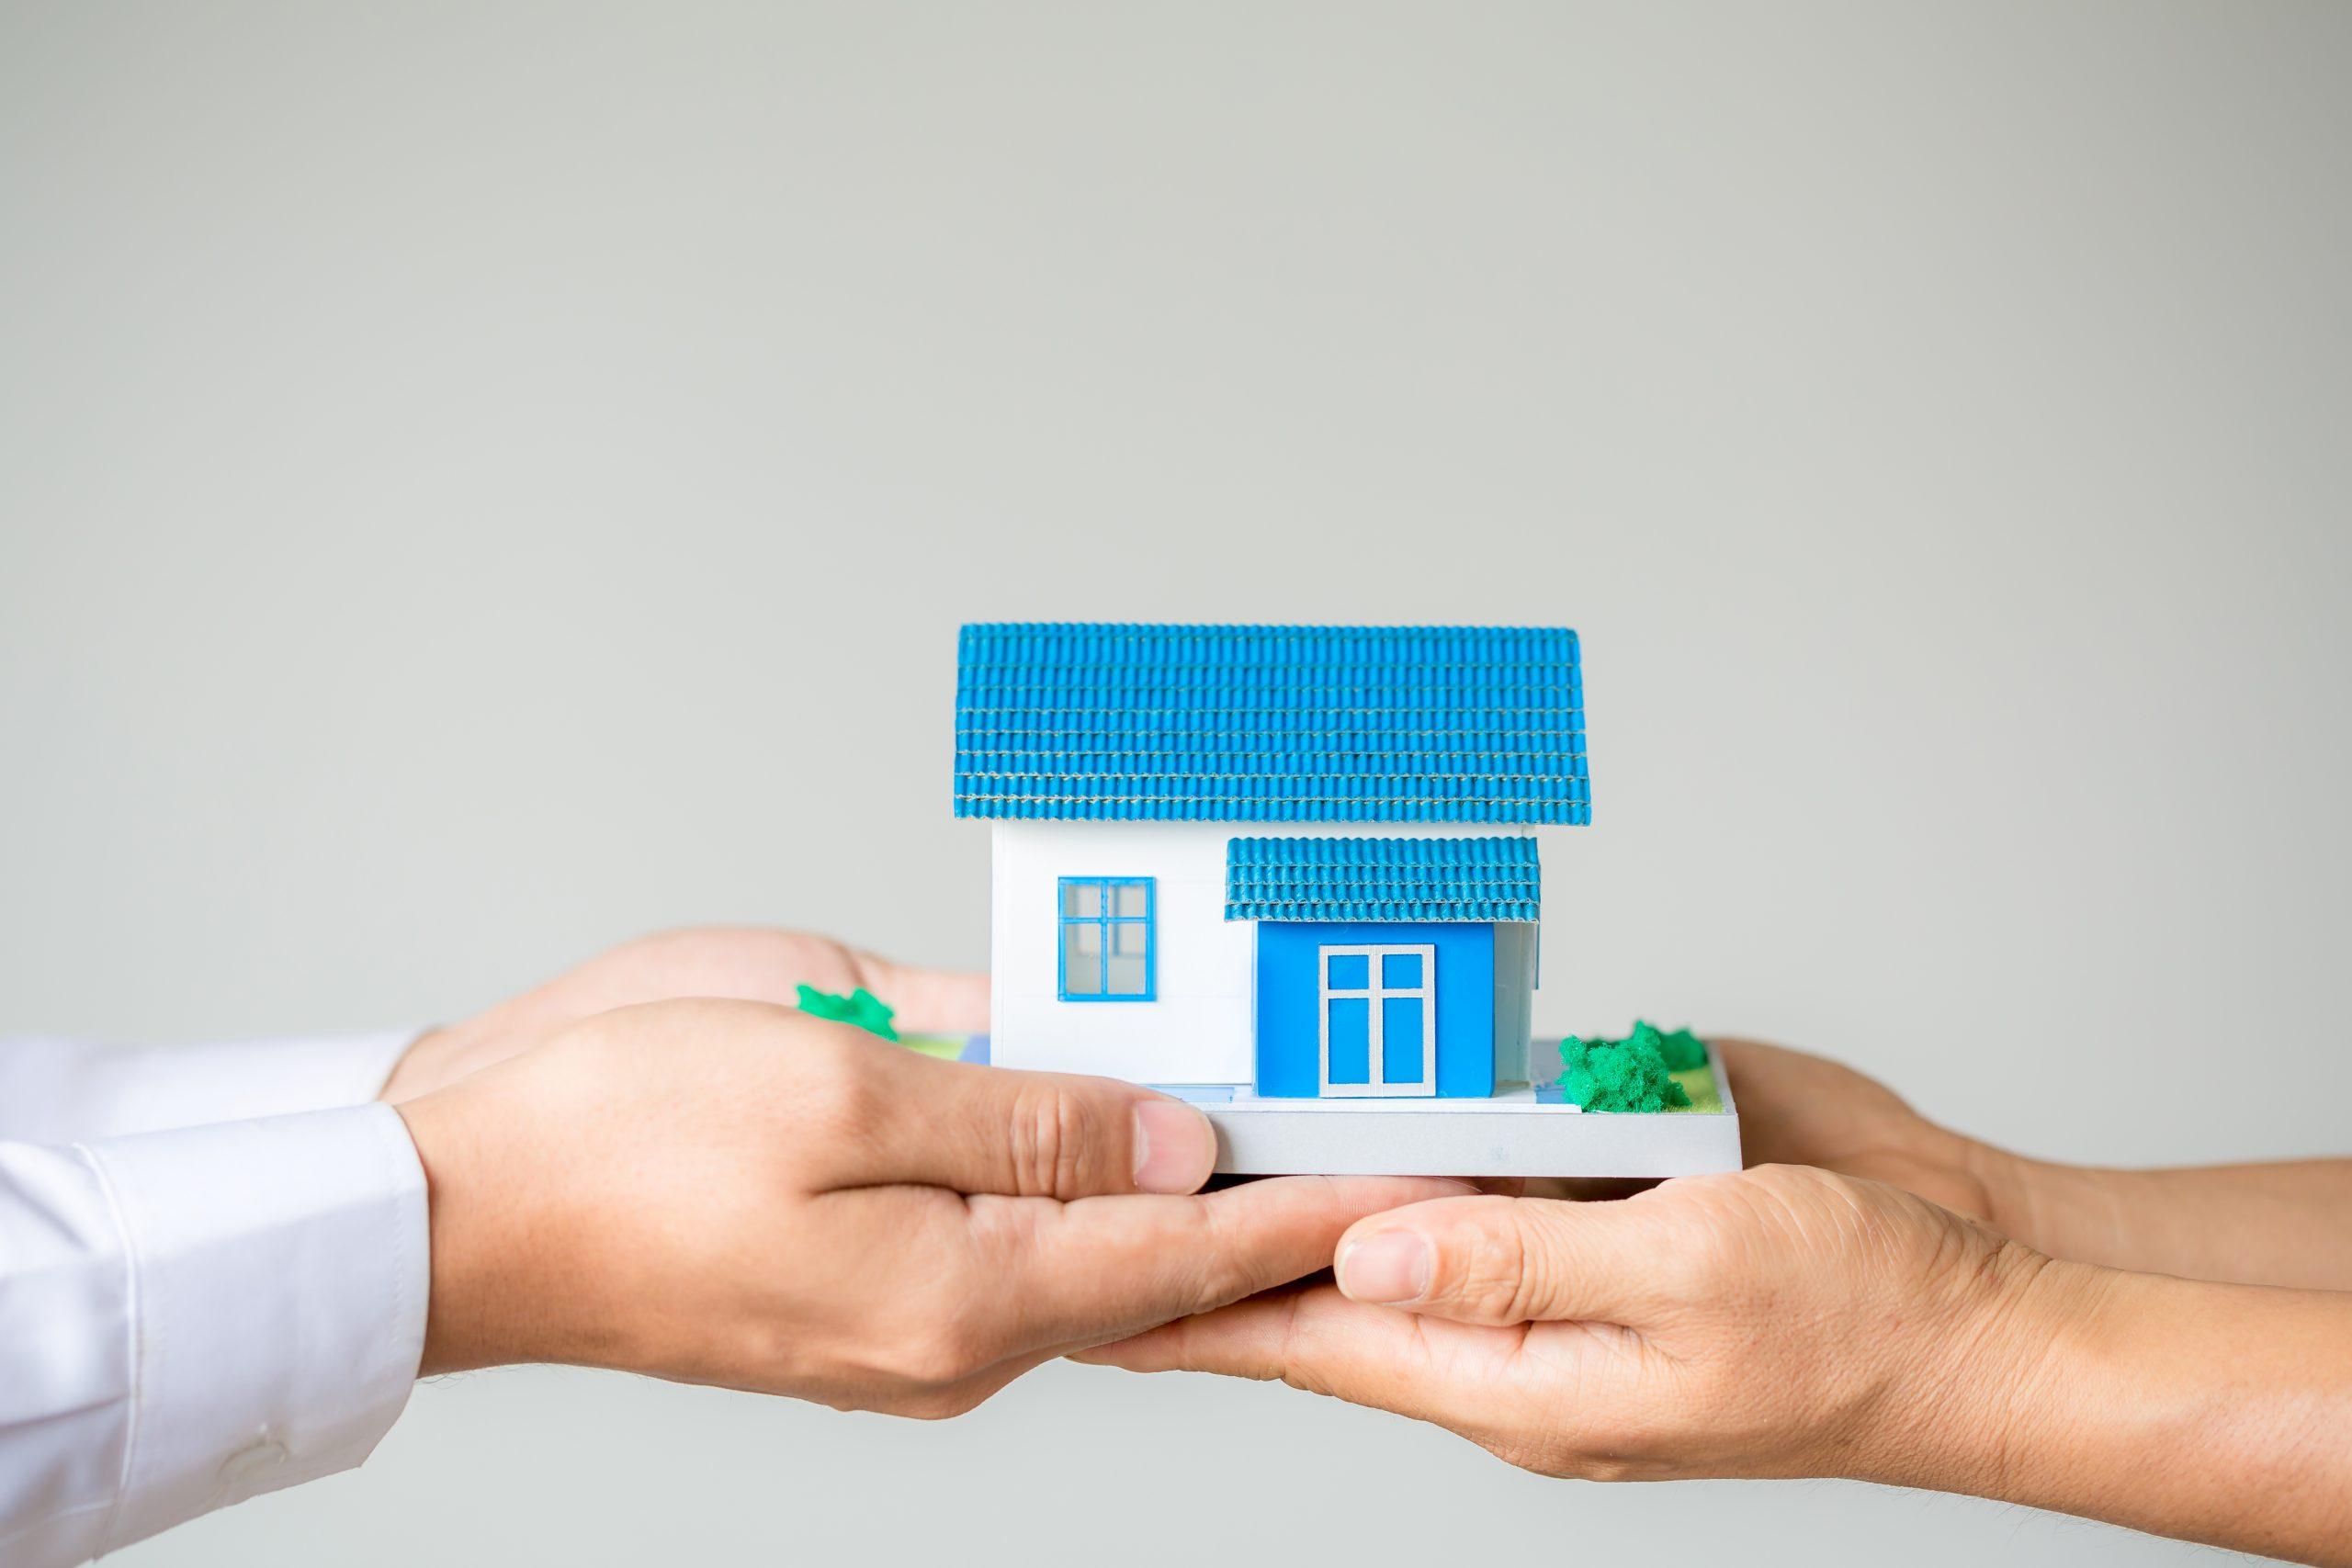 asesoria legal, contable, fiscal, heredacion, vivienda, inmobiliario, sat, herencia, derechos,